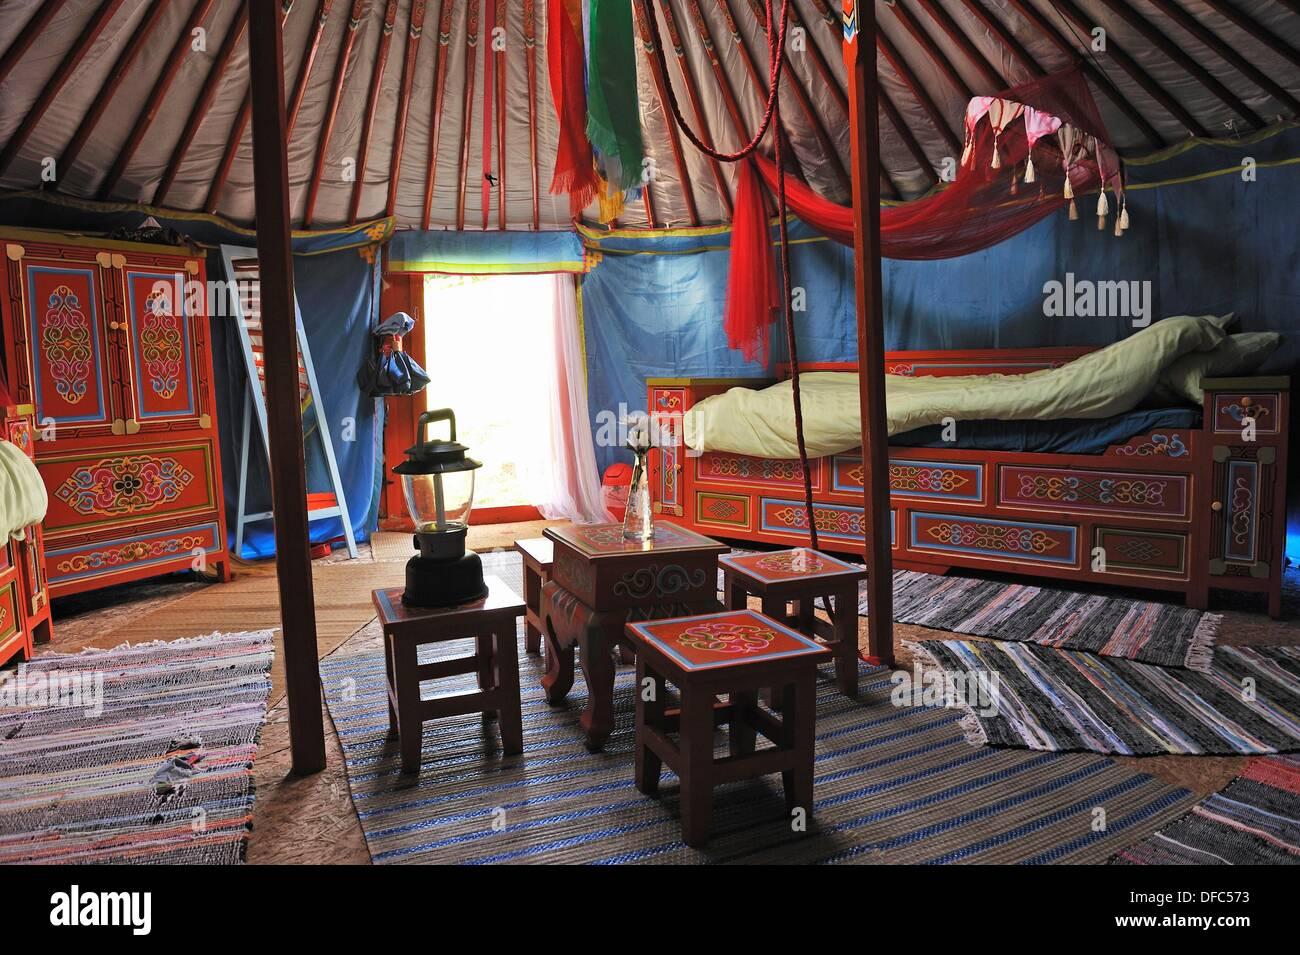 Jurte, Parc du Silence, ein einzigartiger Ort für Ausbildung und Retreat, Livradois Forez regionaler Naturpark, Puy de Dome Stockbild